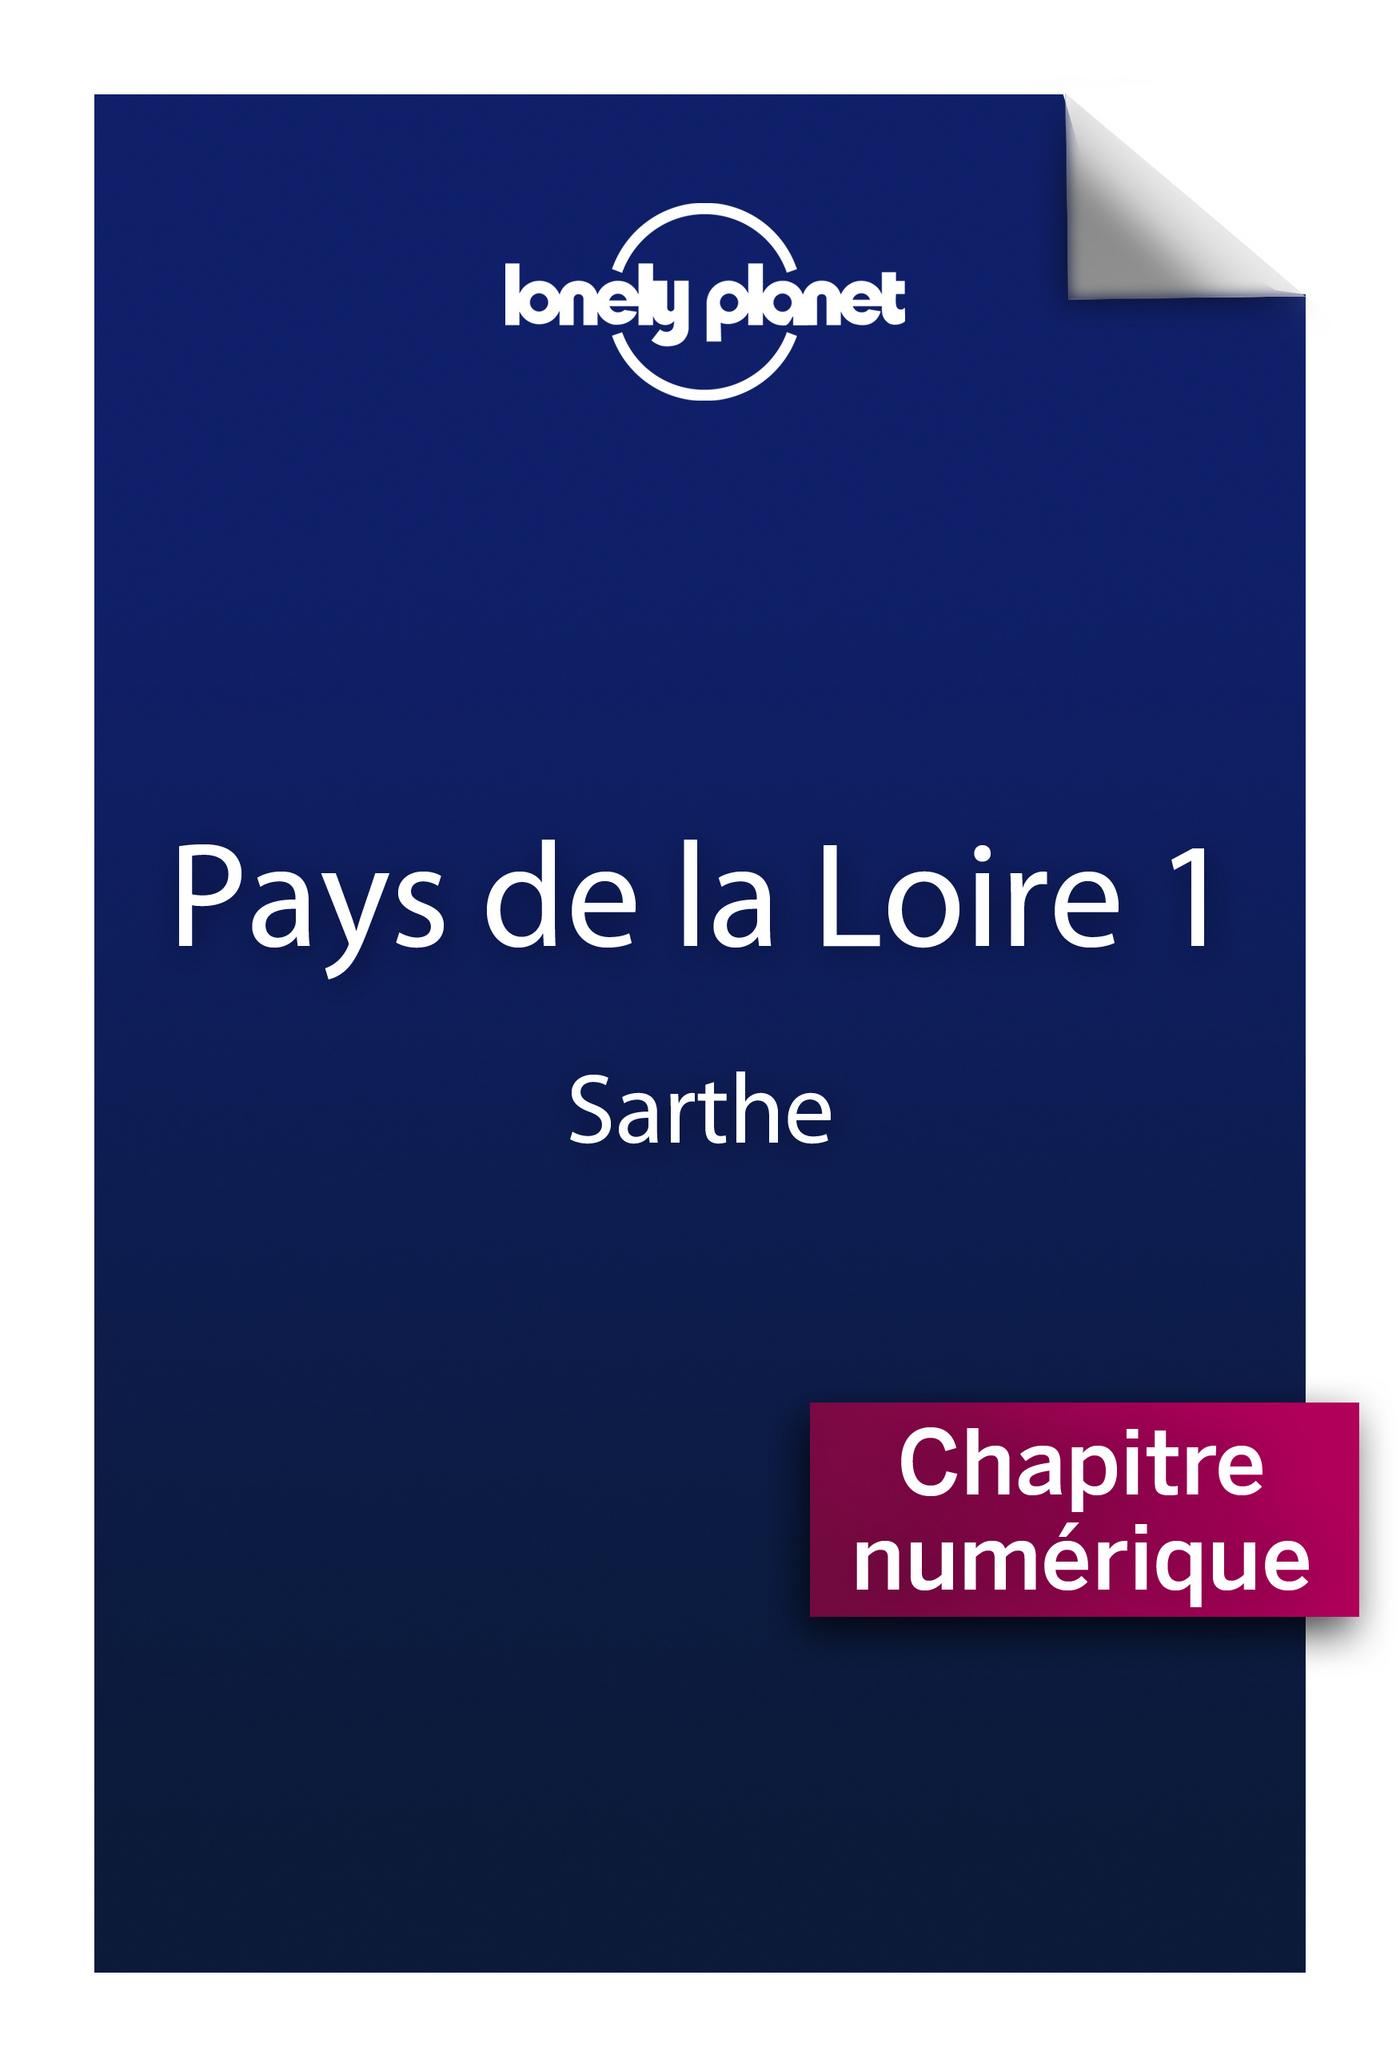 Pays de la Loire 1 - Sarthe